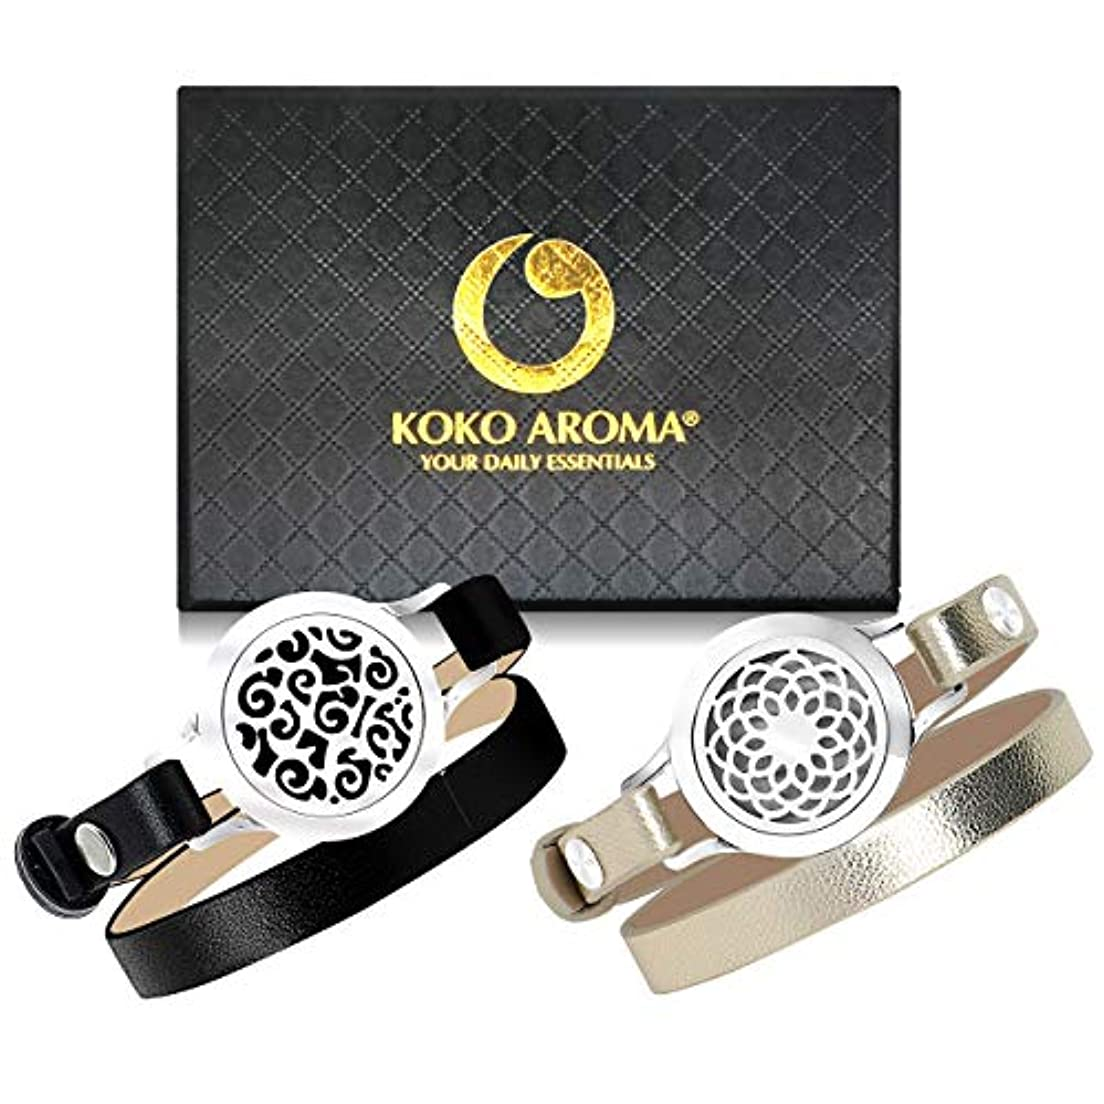 倫理的レッスン予言するKOKO AROMA Essential Oil Diffuser Bracelets 2pcs: Stainless Steel Aromatherapy Bangle or Leather Jewelry Woman...